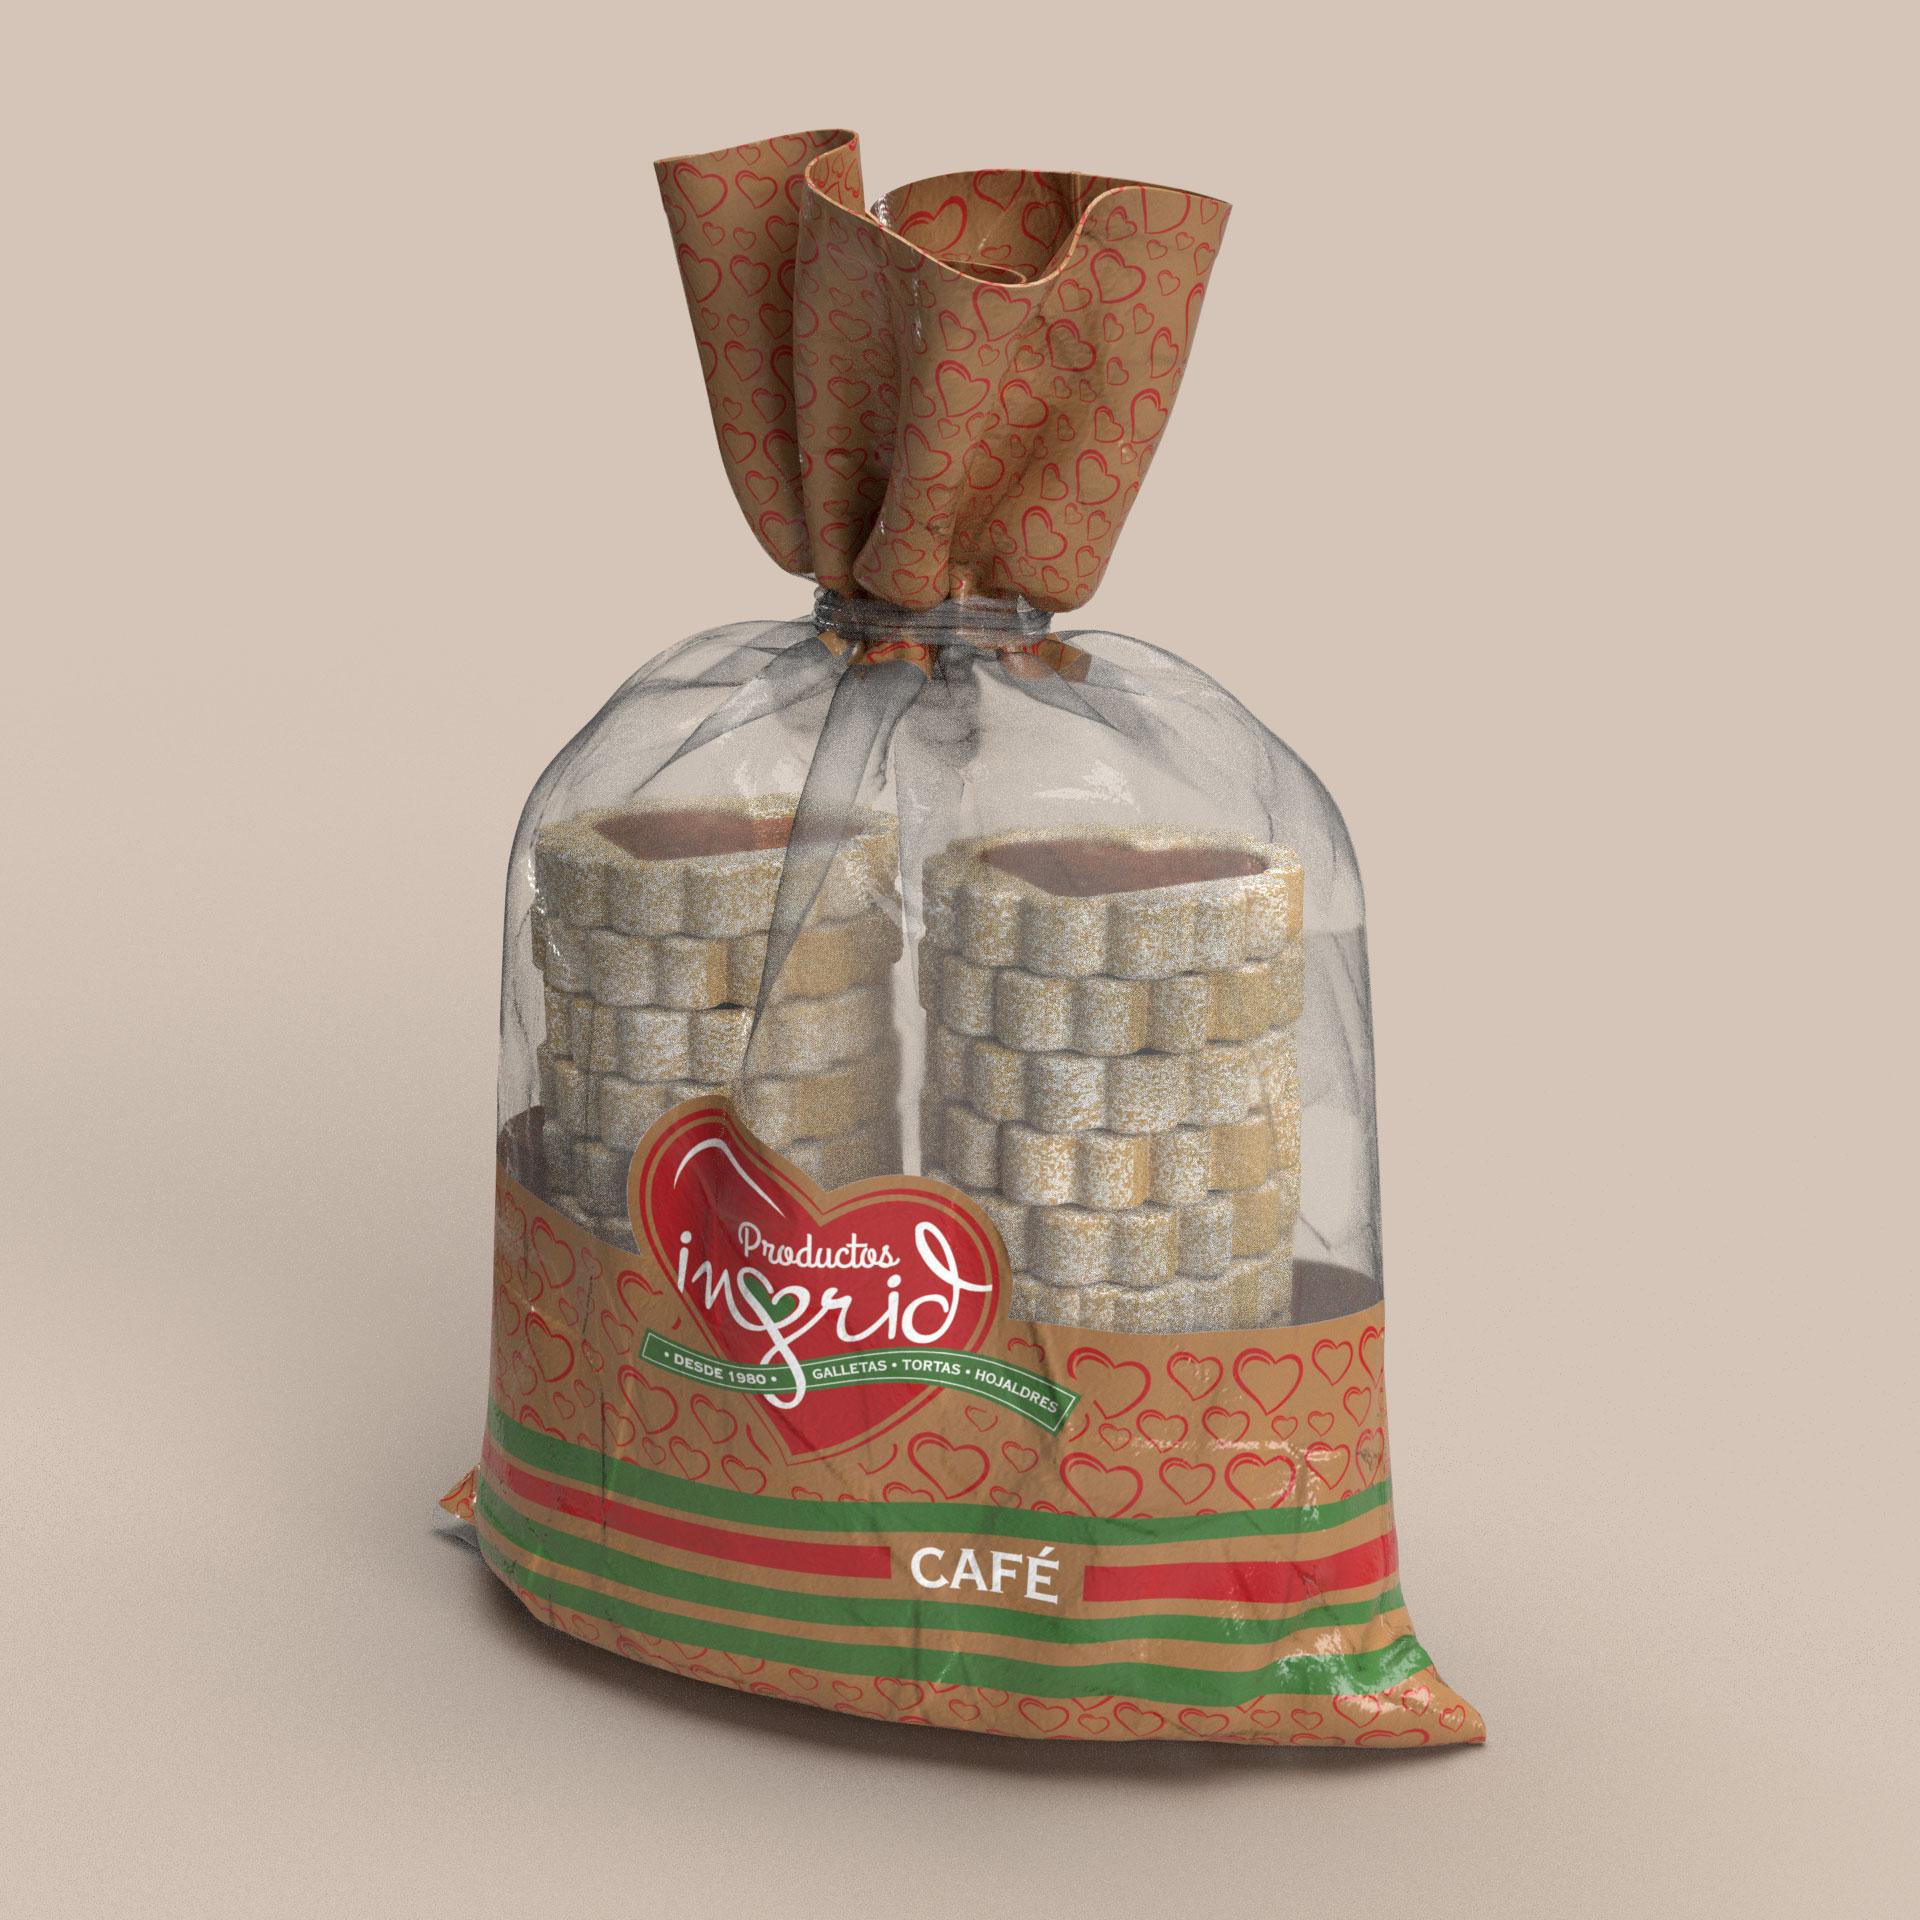 Bolsa de Galletas Productos Ingrid Opcion 2